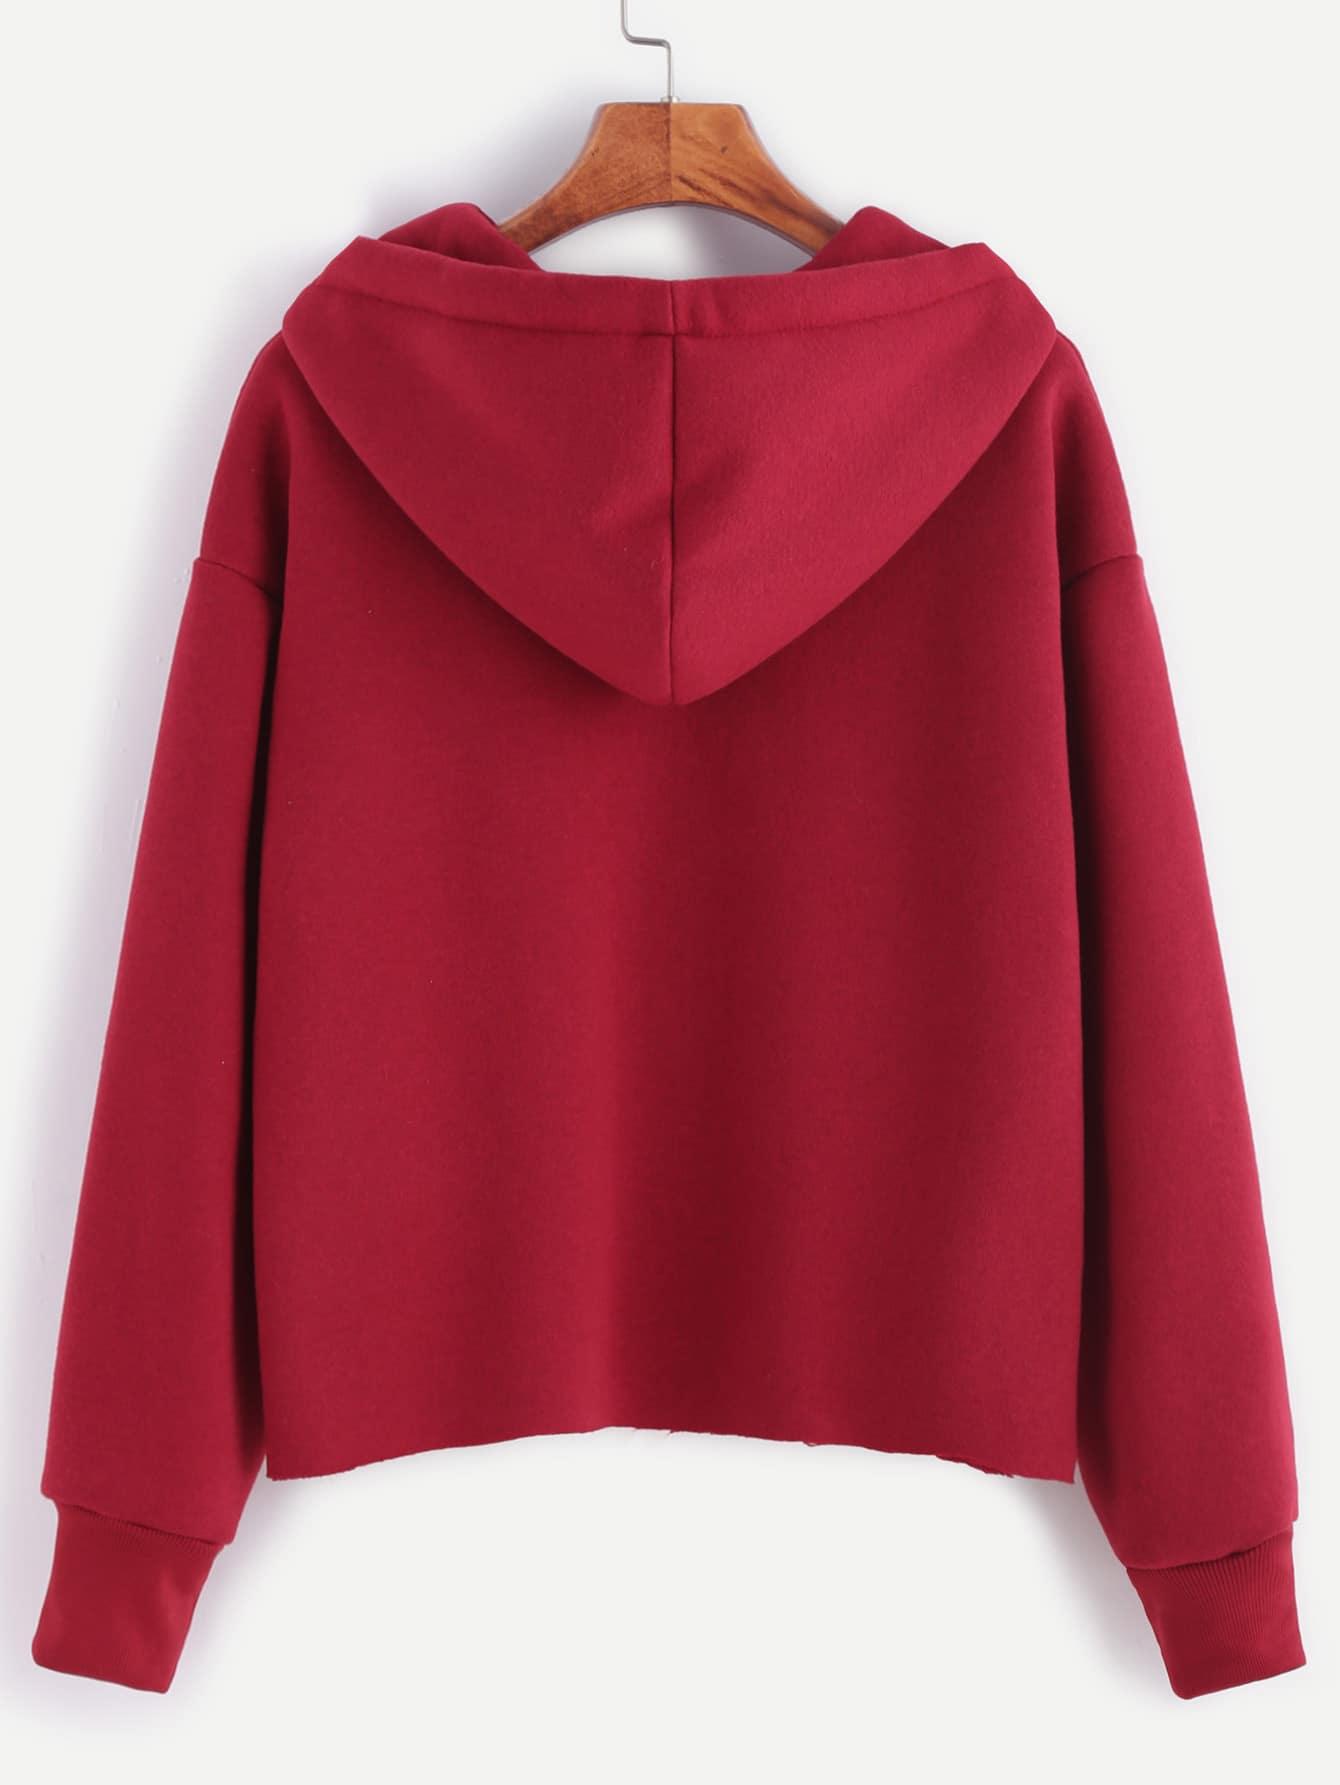 sweatshirt161108102_2